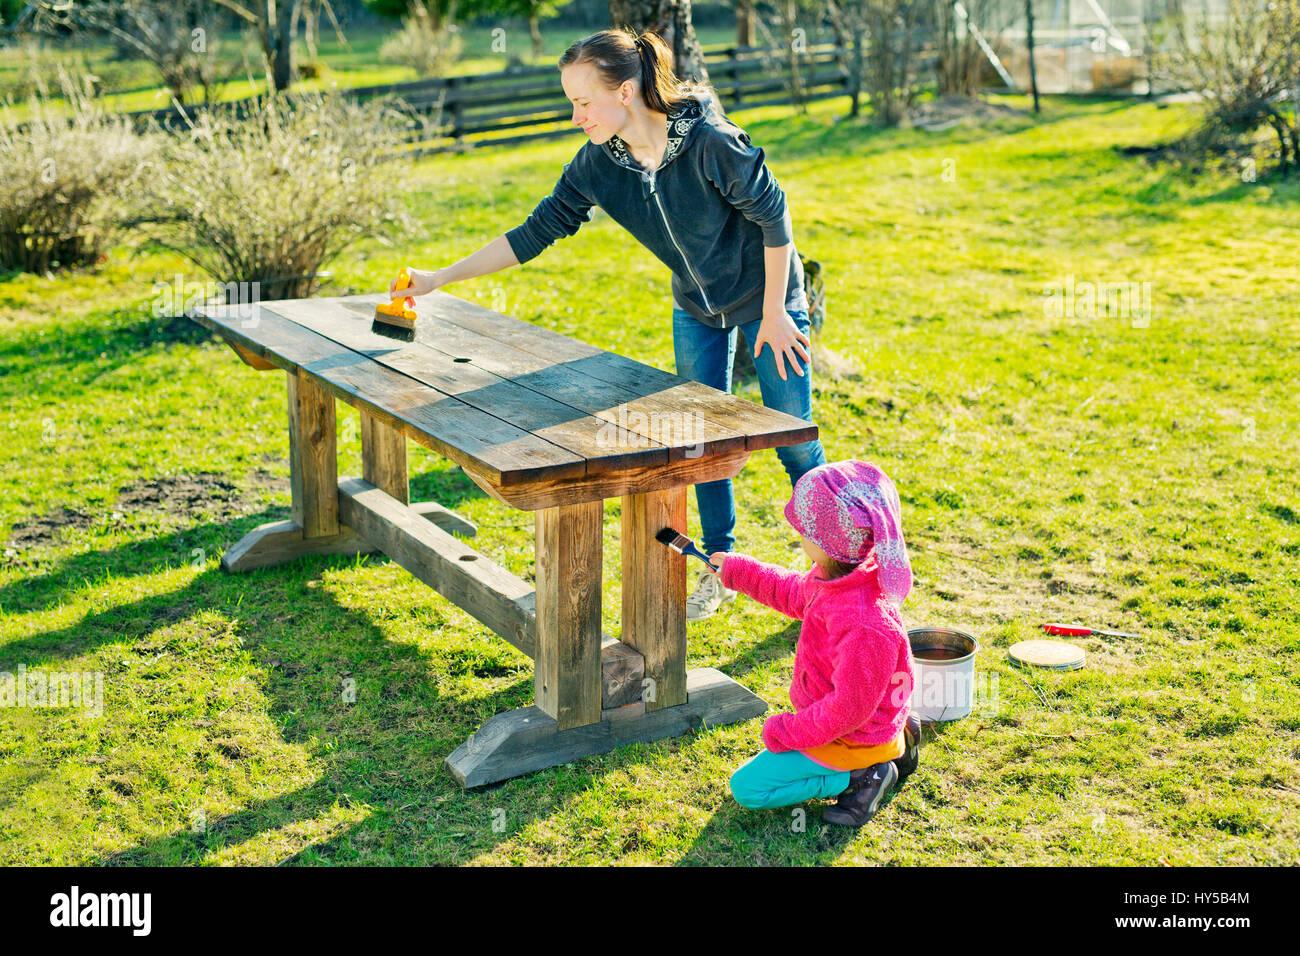 La Finlande, l'paijat-hame, Heinola, mère et fille (4-5) table en bois huilage dans jardin Photo Stock